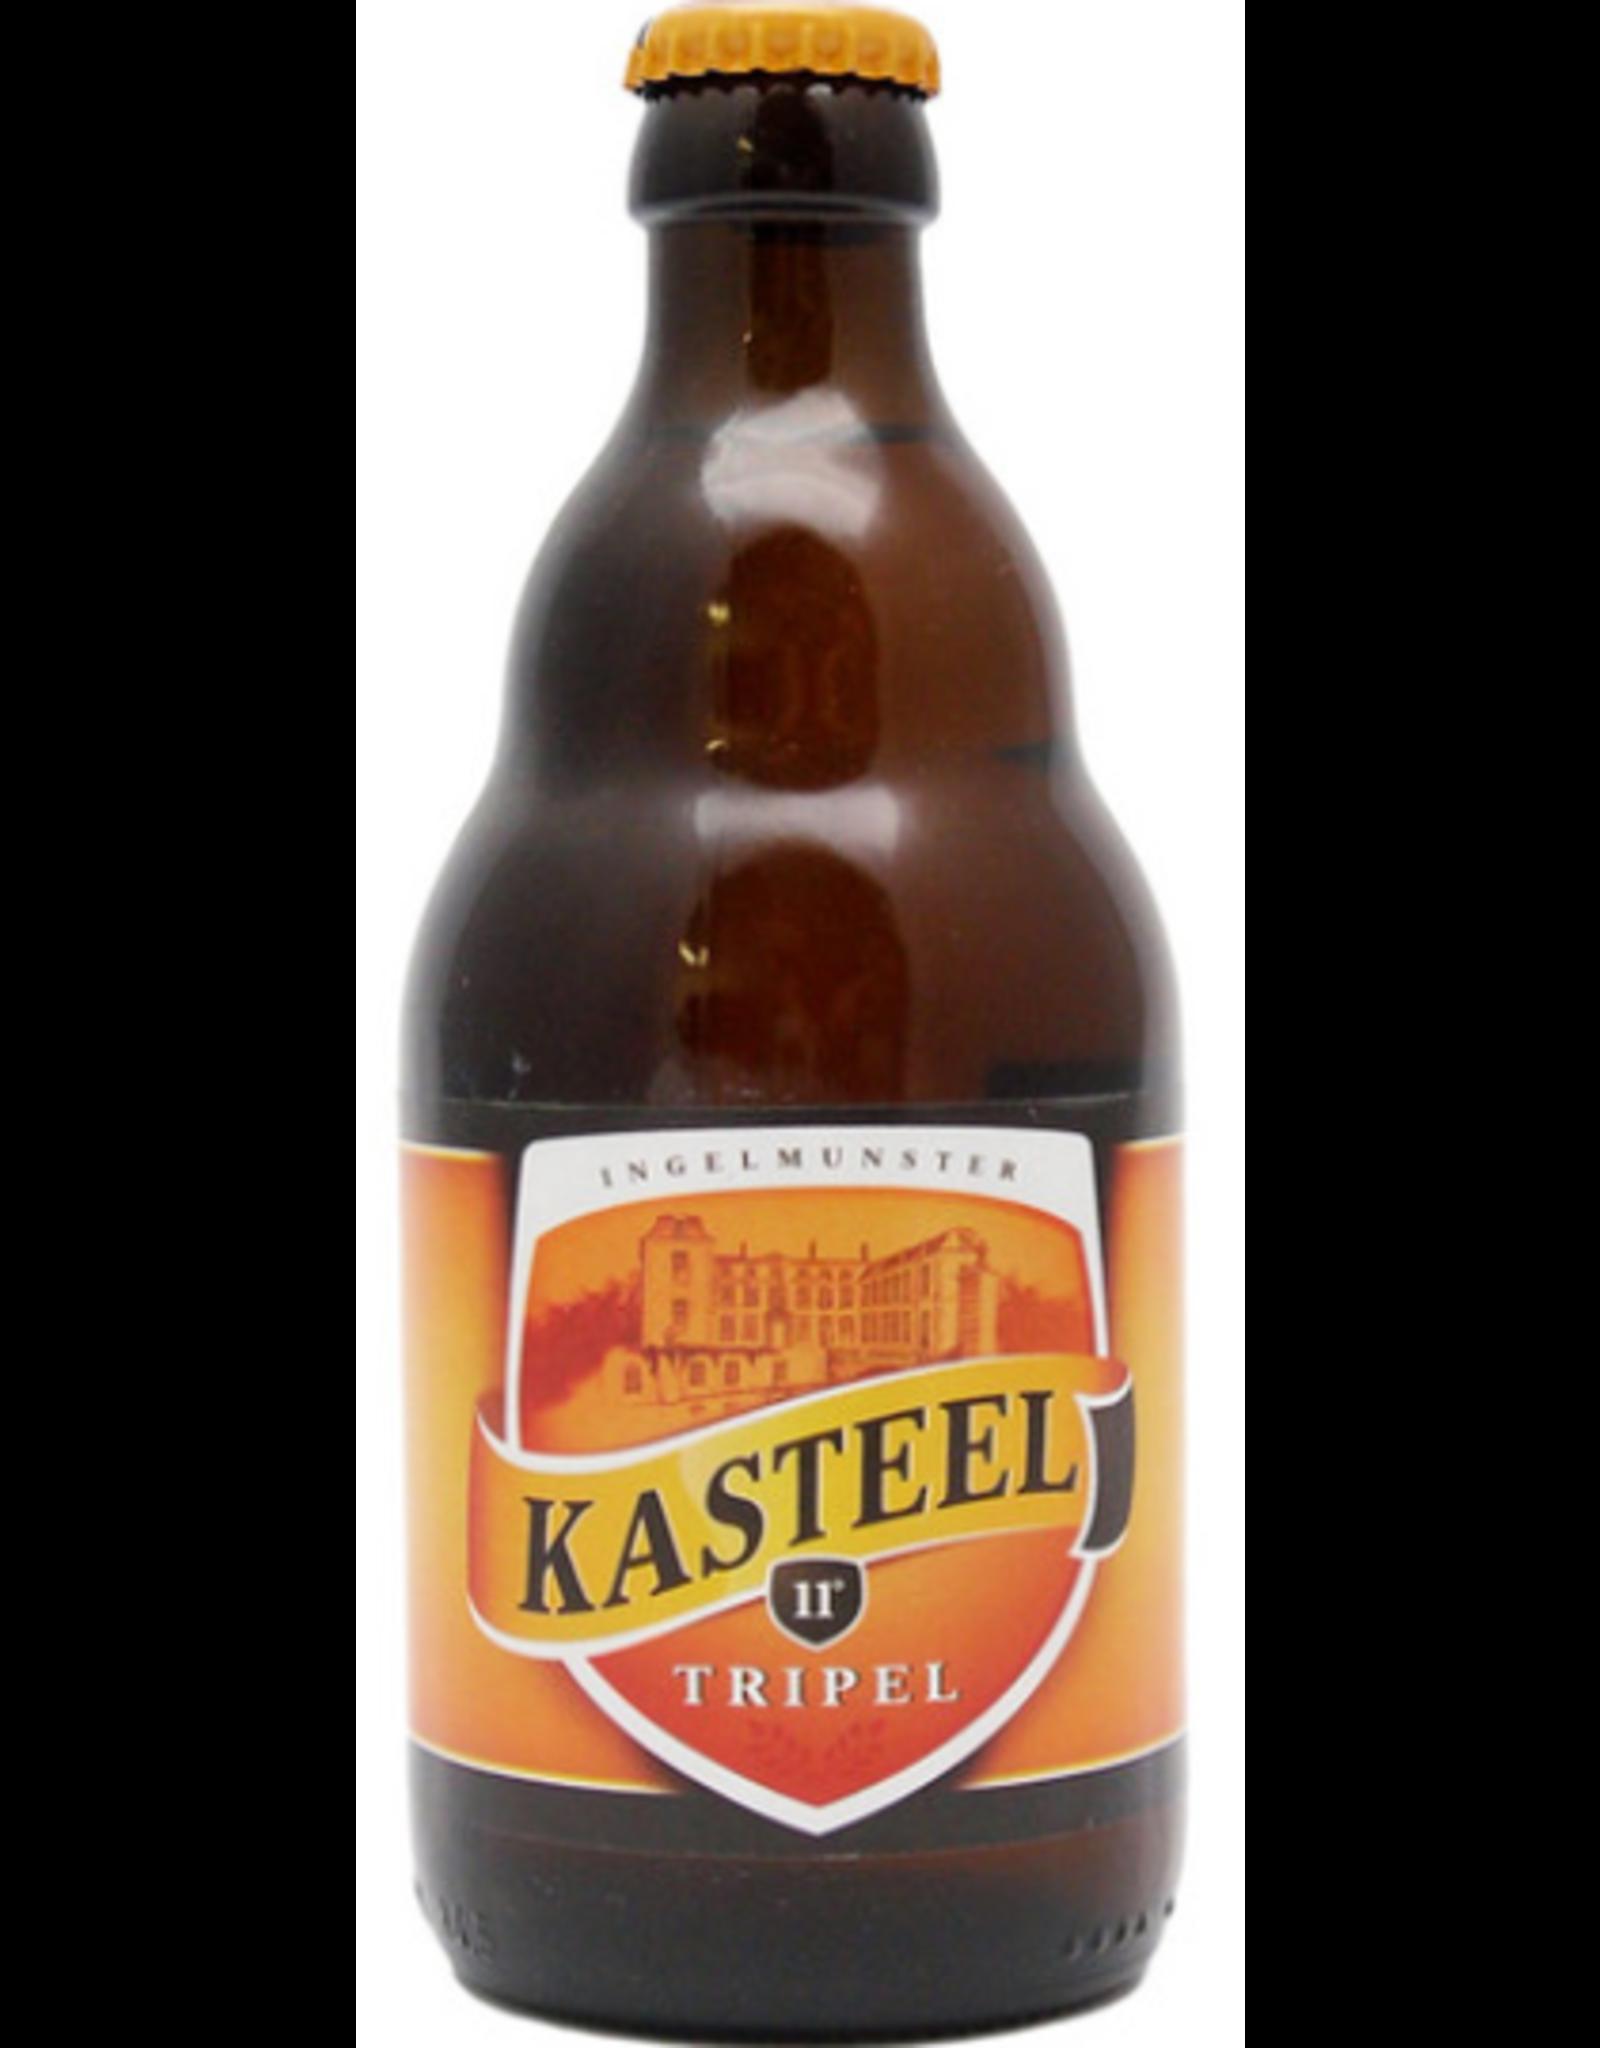 Van Honsebrouck Kasteel Tripel 33cl